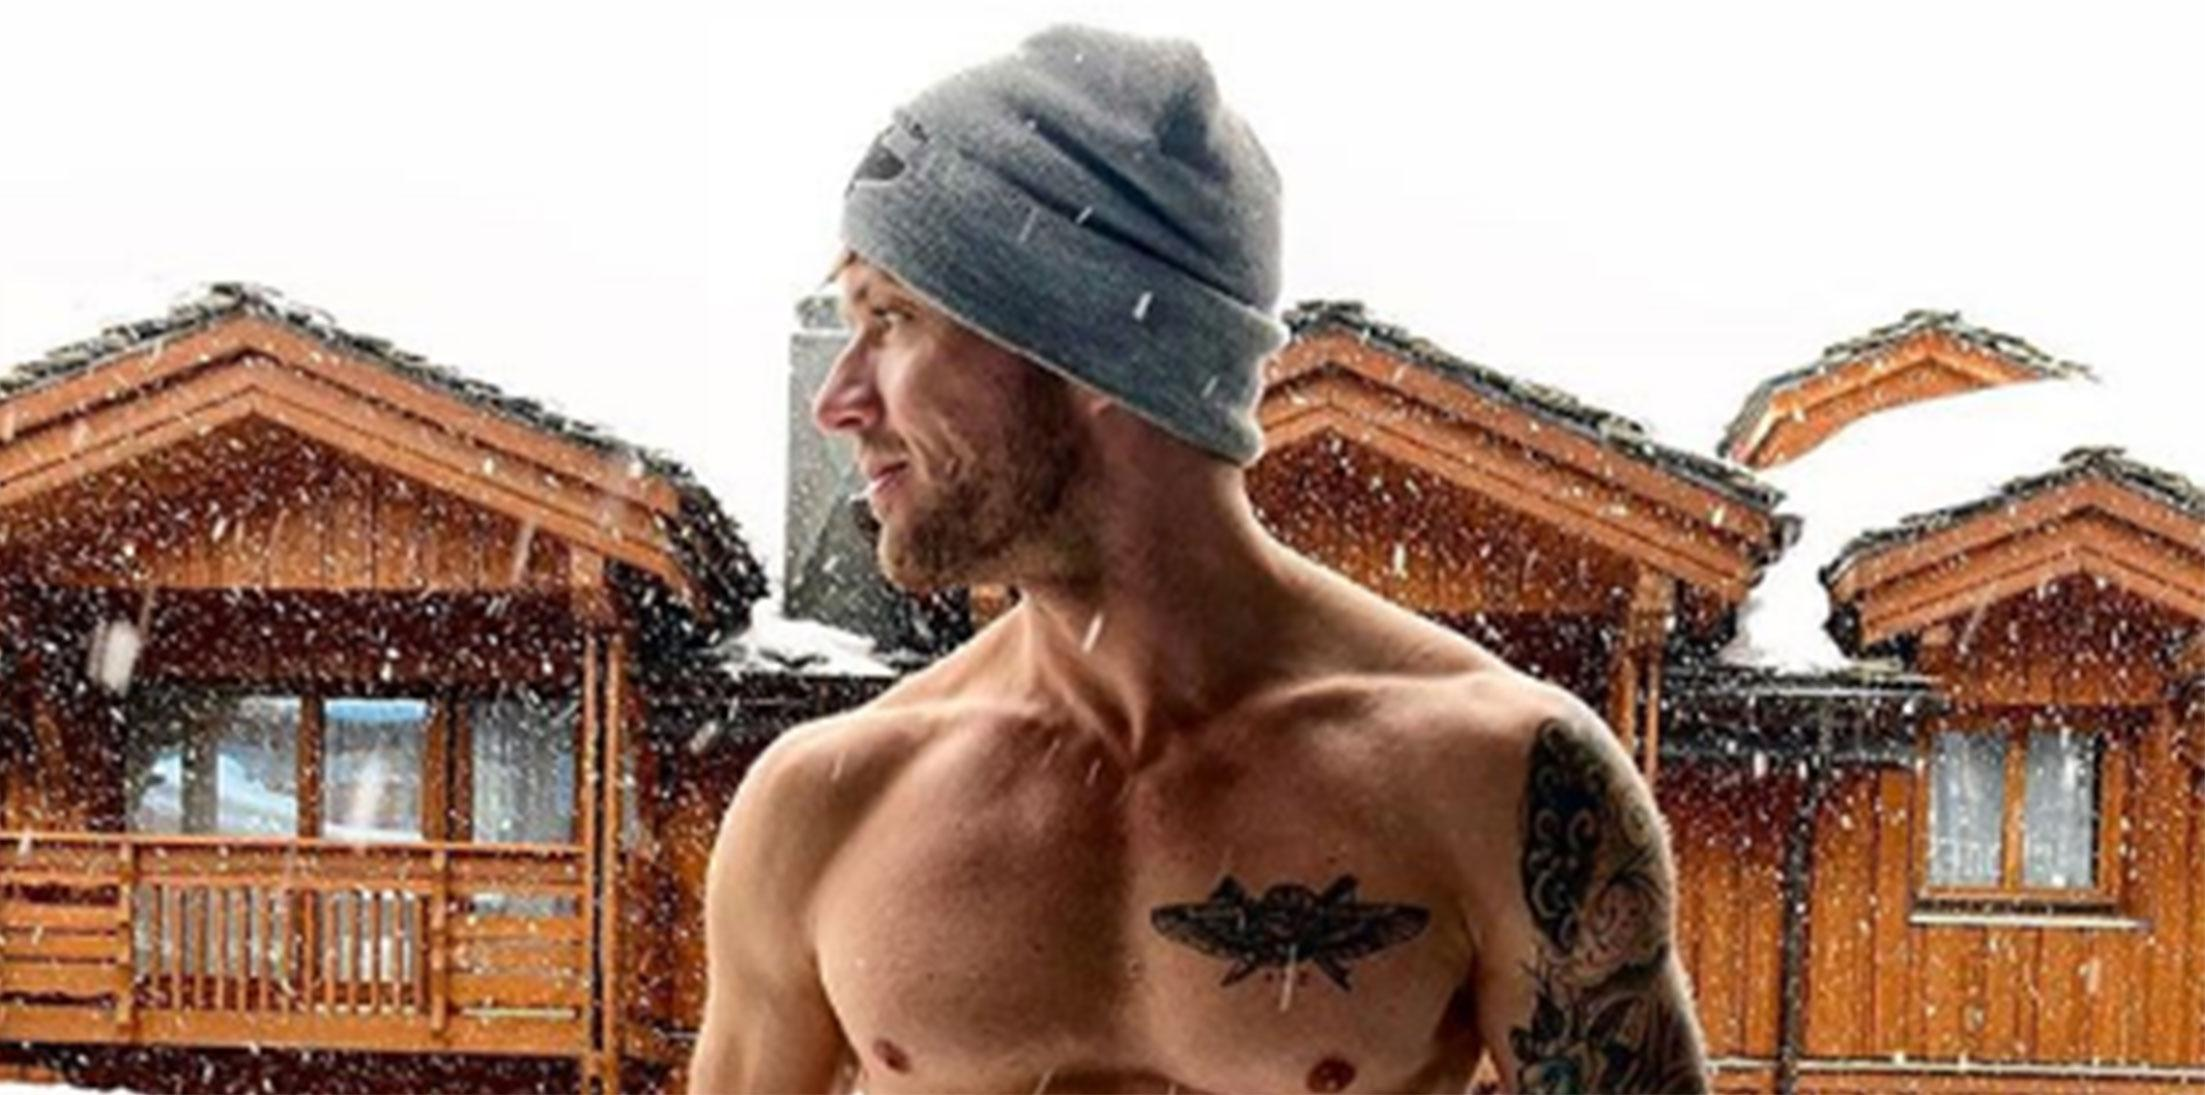 Ryan phillippe shirtless photo 1